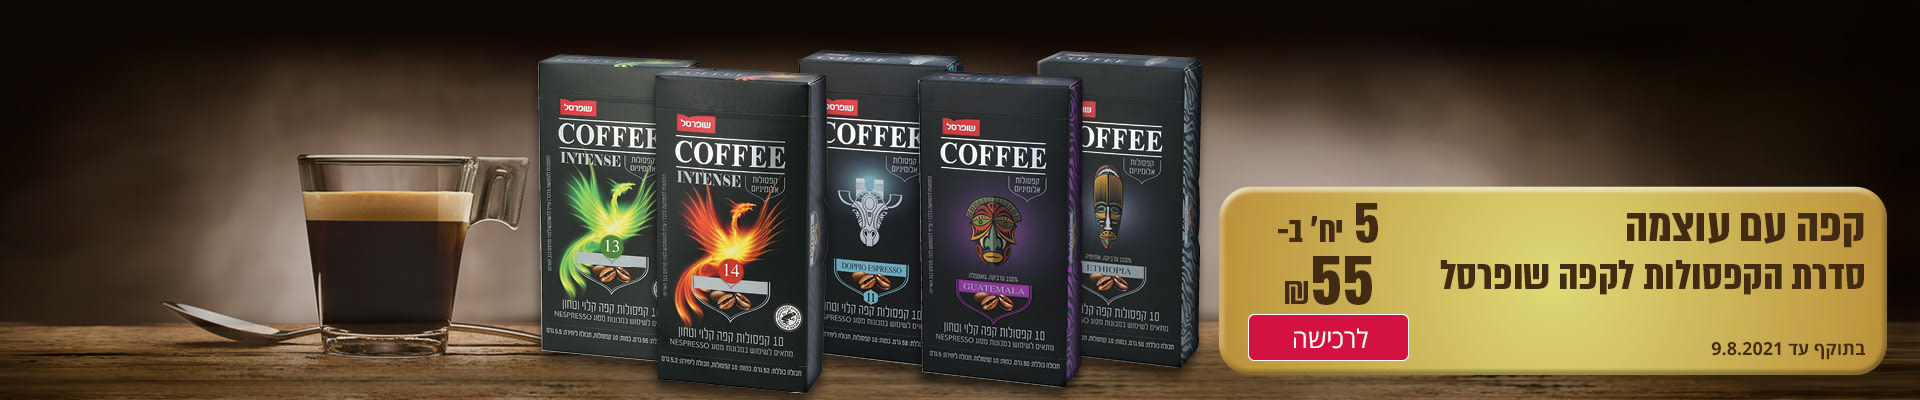 קפה עם עוצמה סדרת הקפסולות לקפה שופרסל 5 יח' ב-55 ₪ 10 קפסולות למארז לרכישה בתוקף עד 9.8.2021